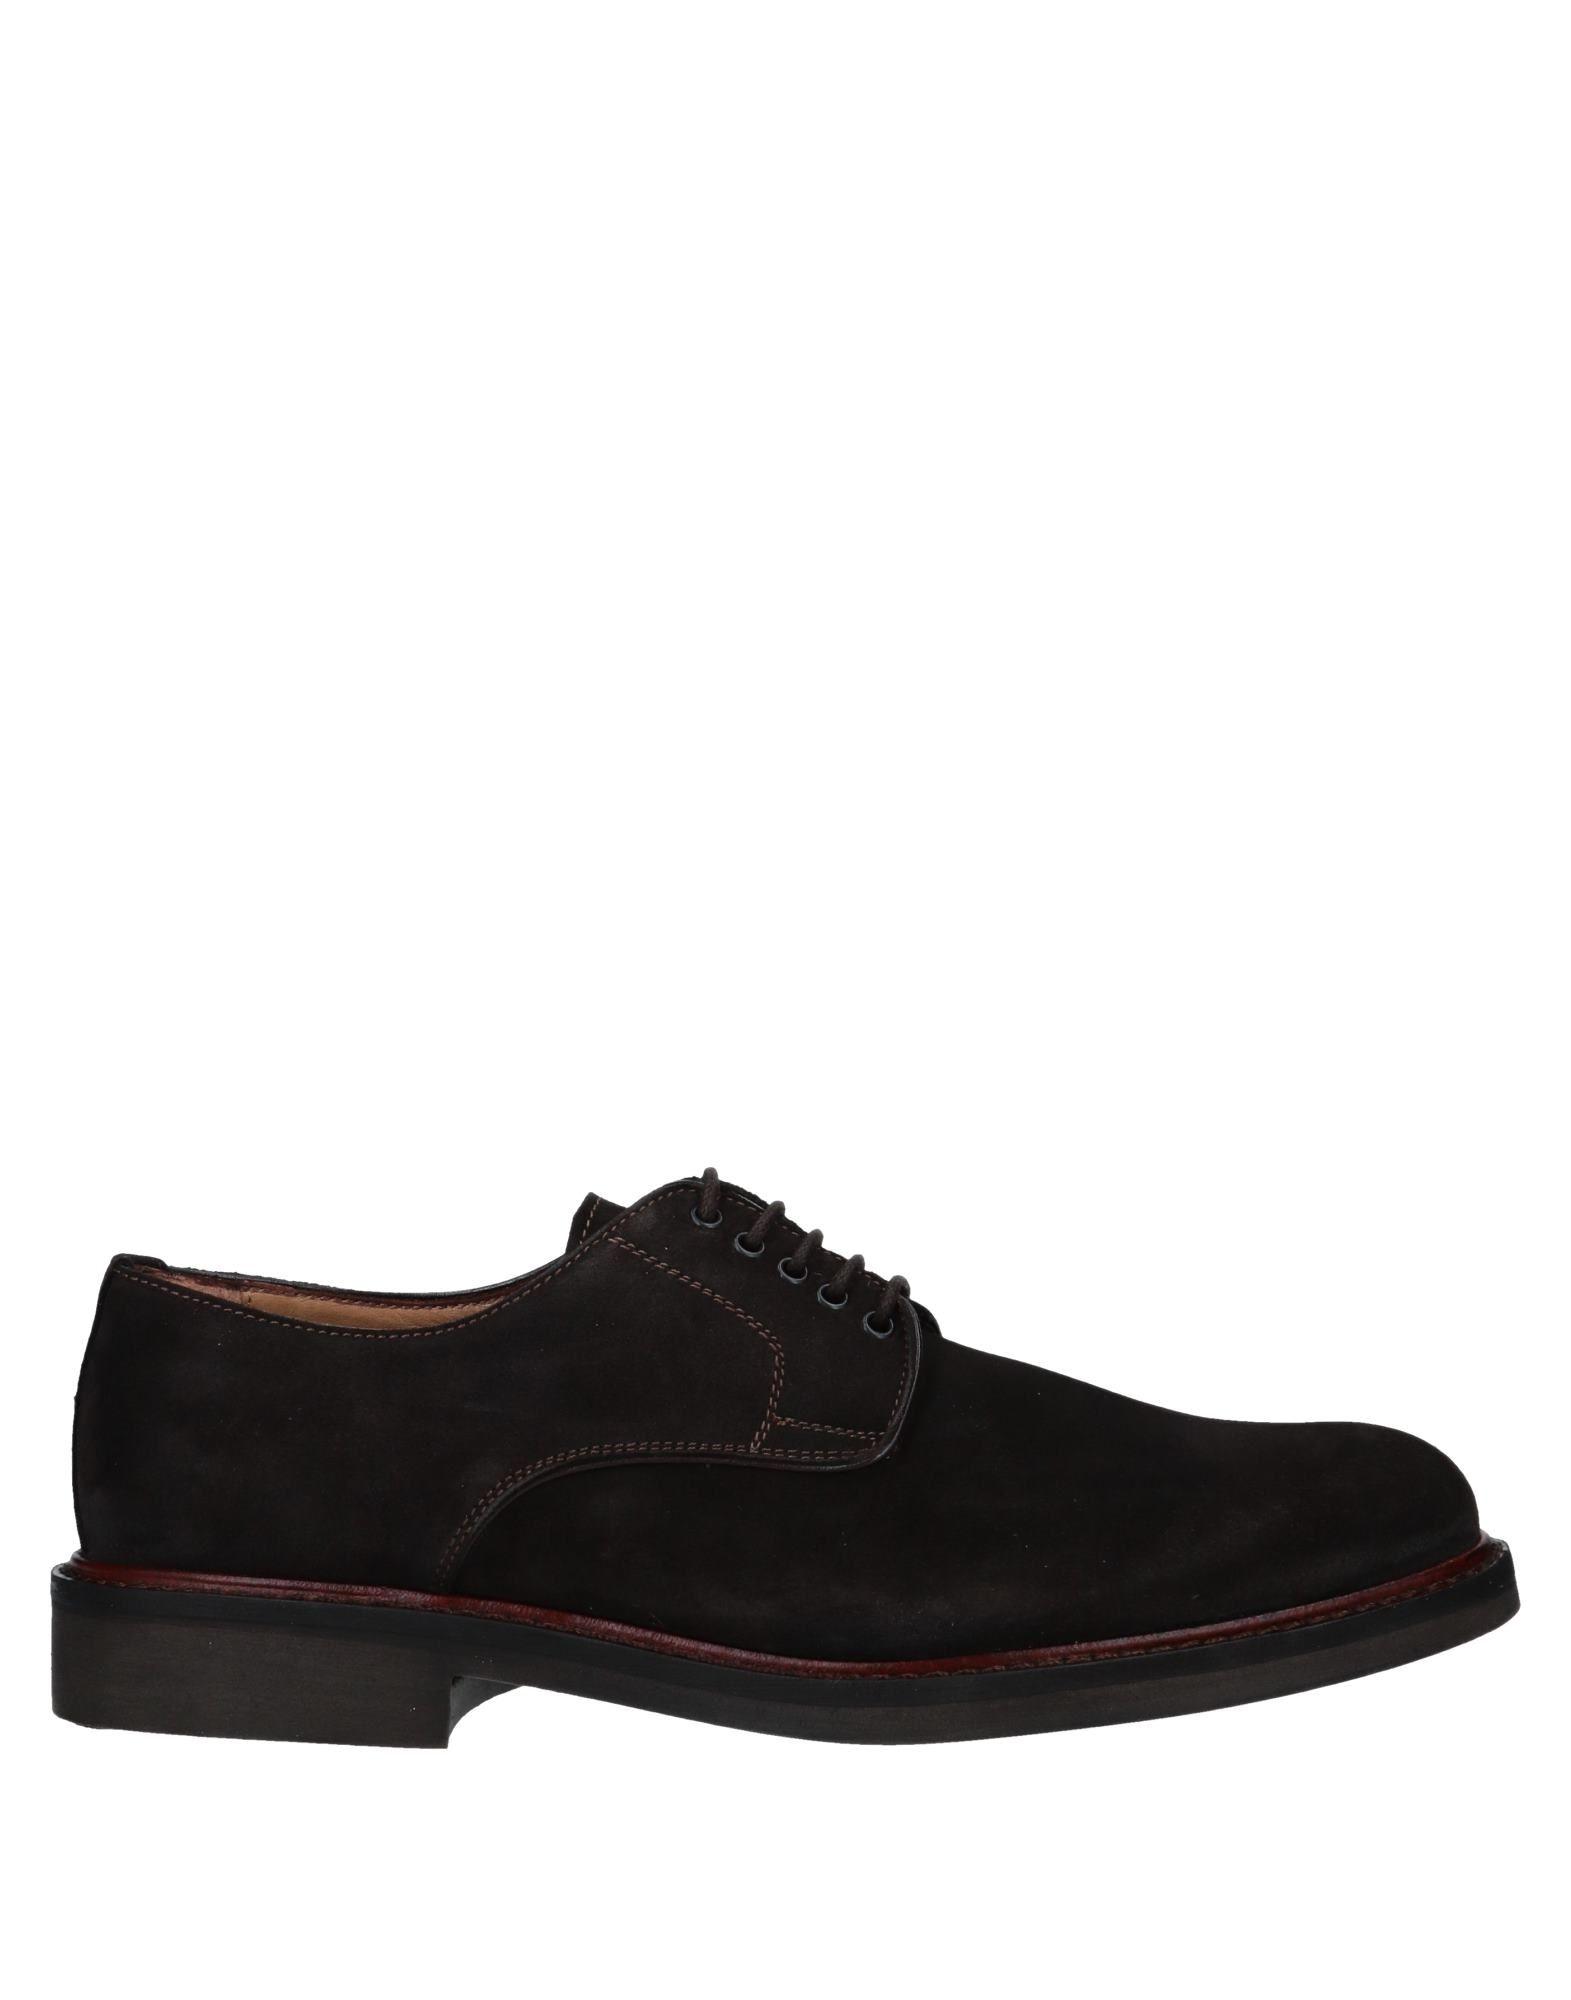 Baldinini Schnürschuhe Herren  11554151UP Gute Qualität beliebte Schuhe